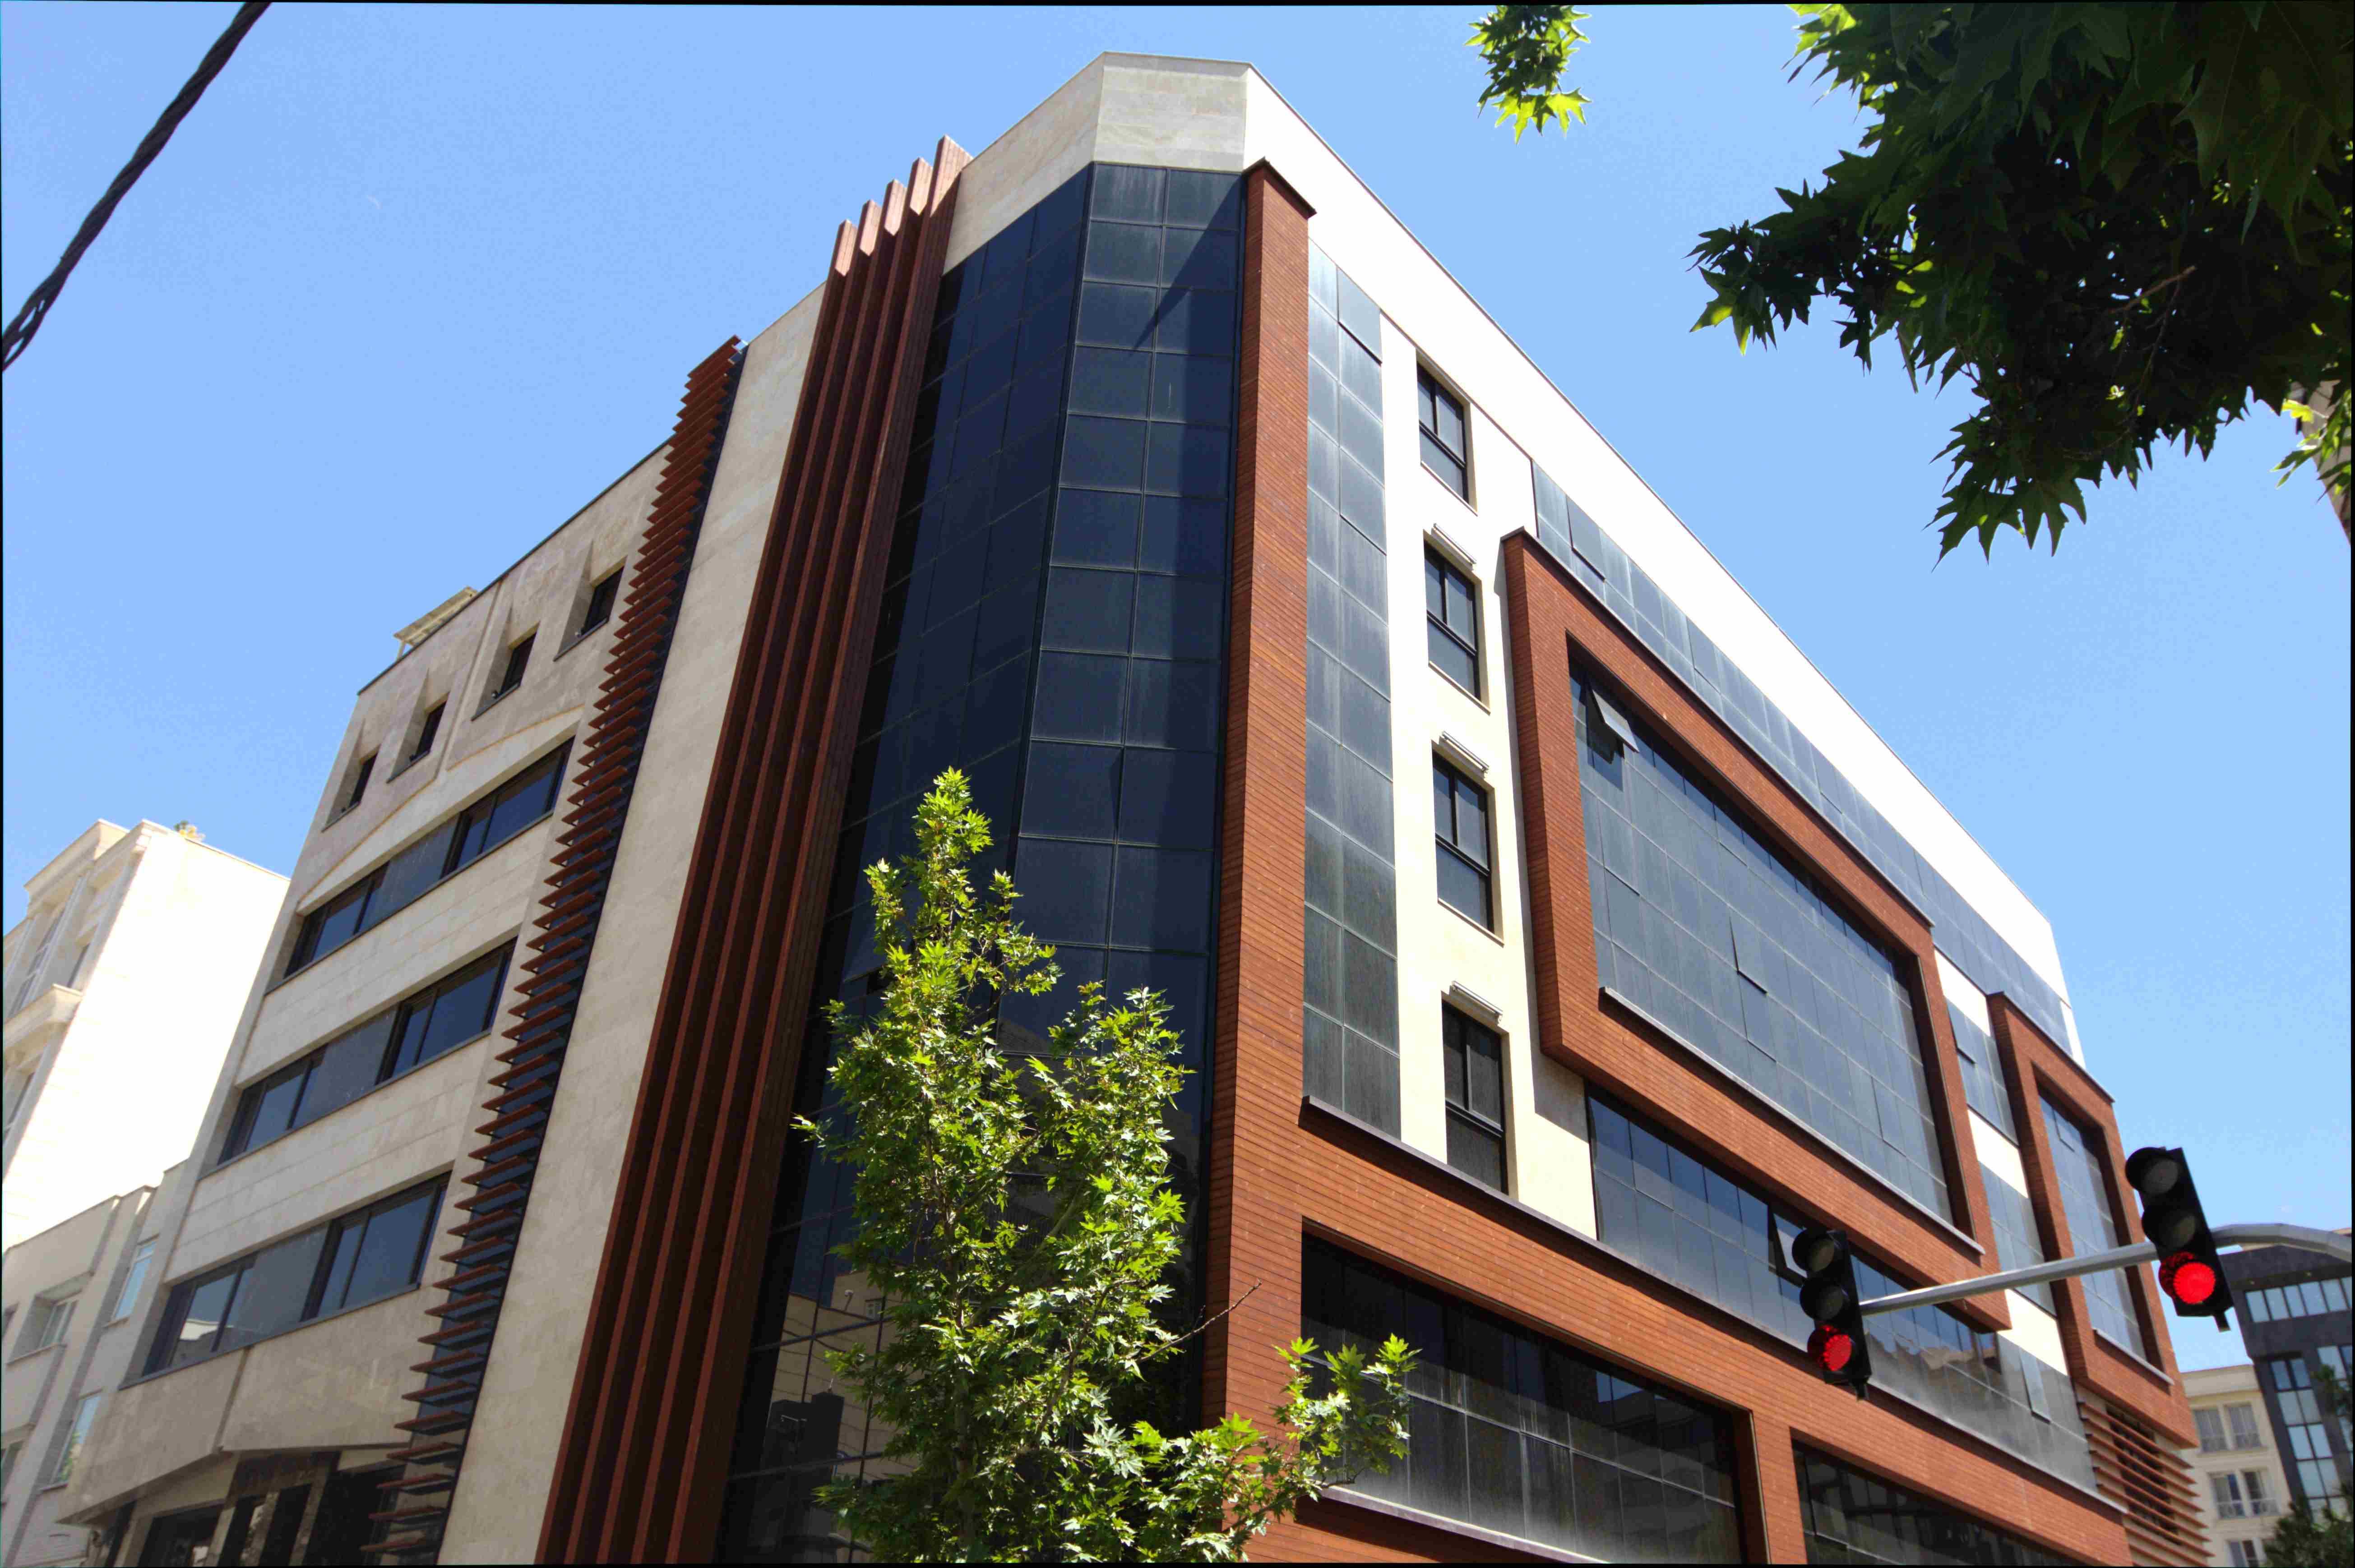 نمای ساختمان   آکاد   نمای چوب   نمای ساحتمان   مجری نمای ساختمان